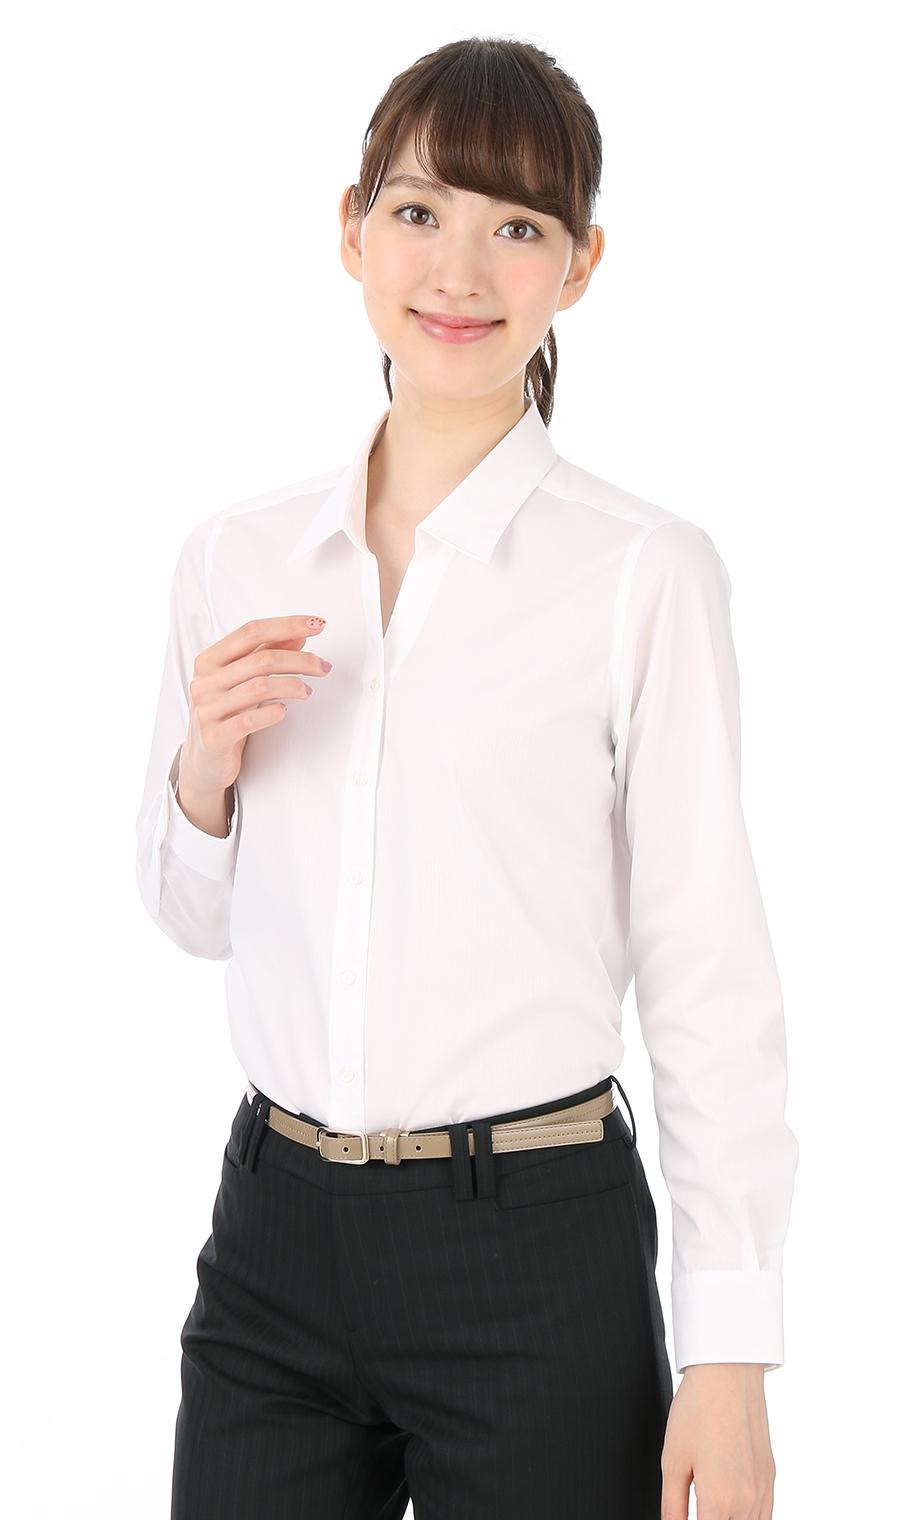 花都区职业装衬衣定做,花城长袖女衬衣订做,白云区春秋款衬衣定制,可免费绣LOGO